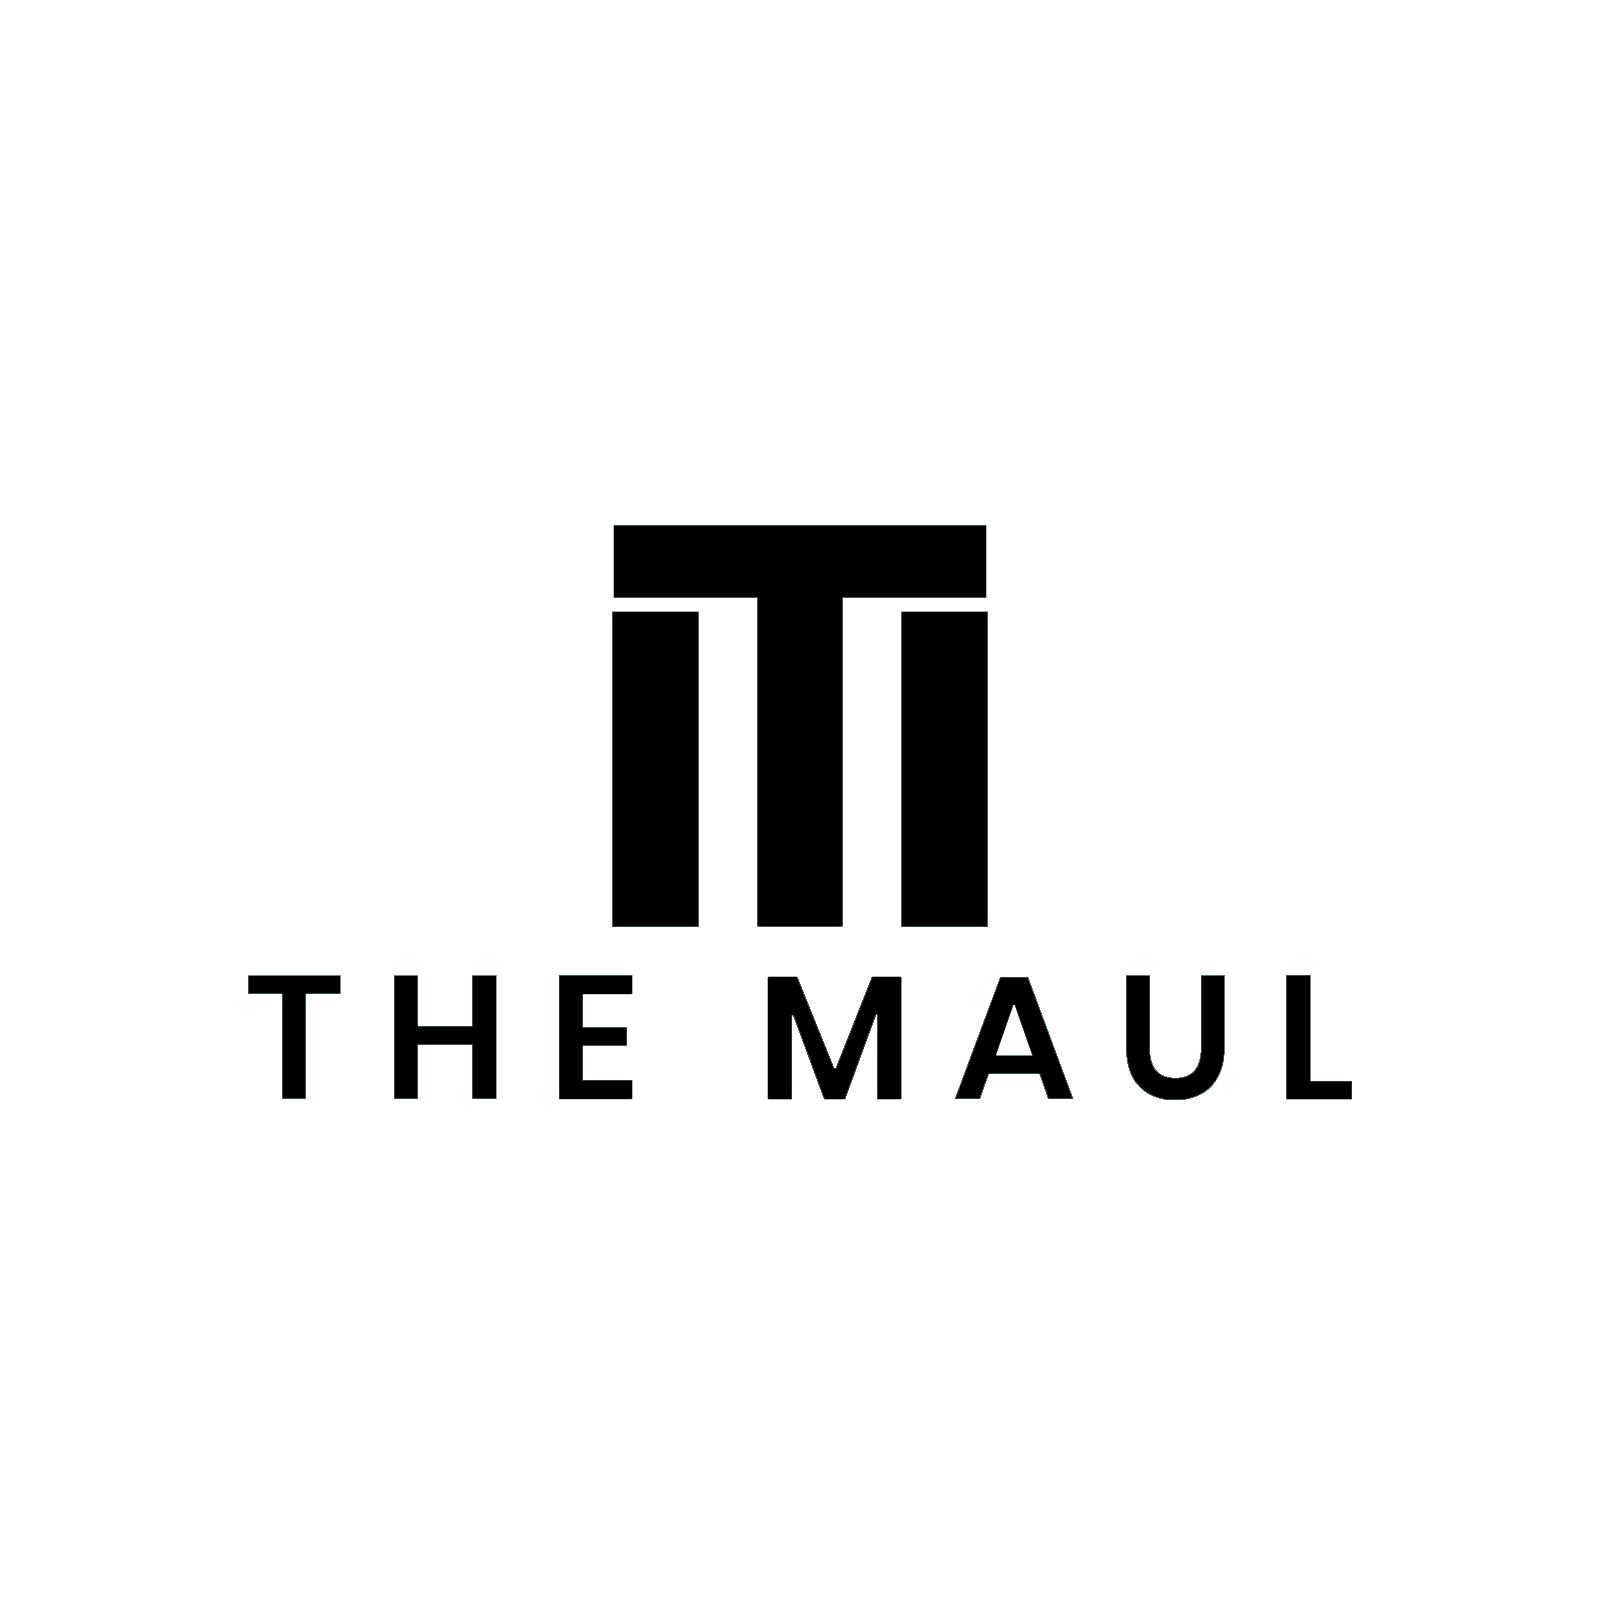 TheMaulLogo